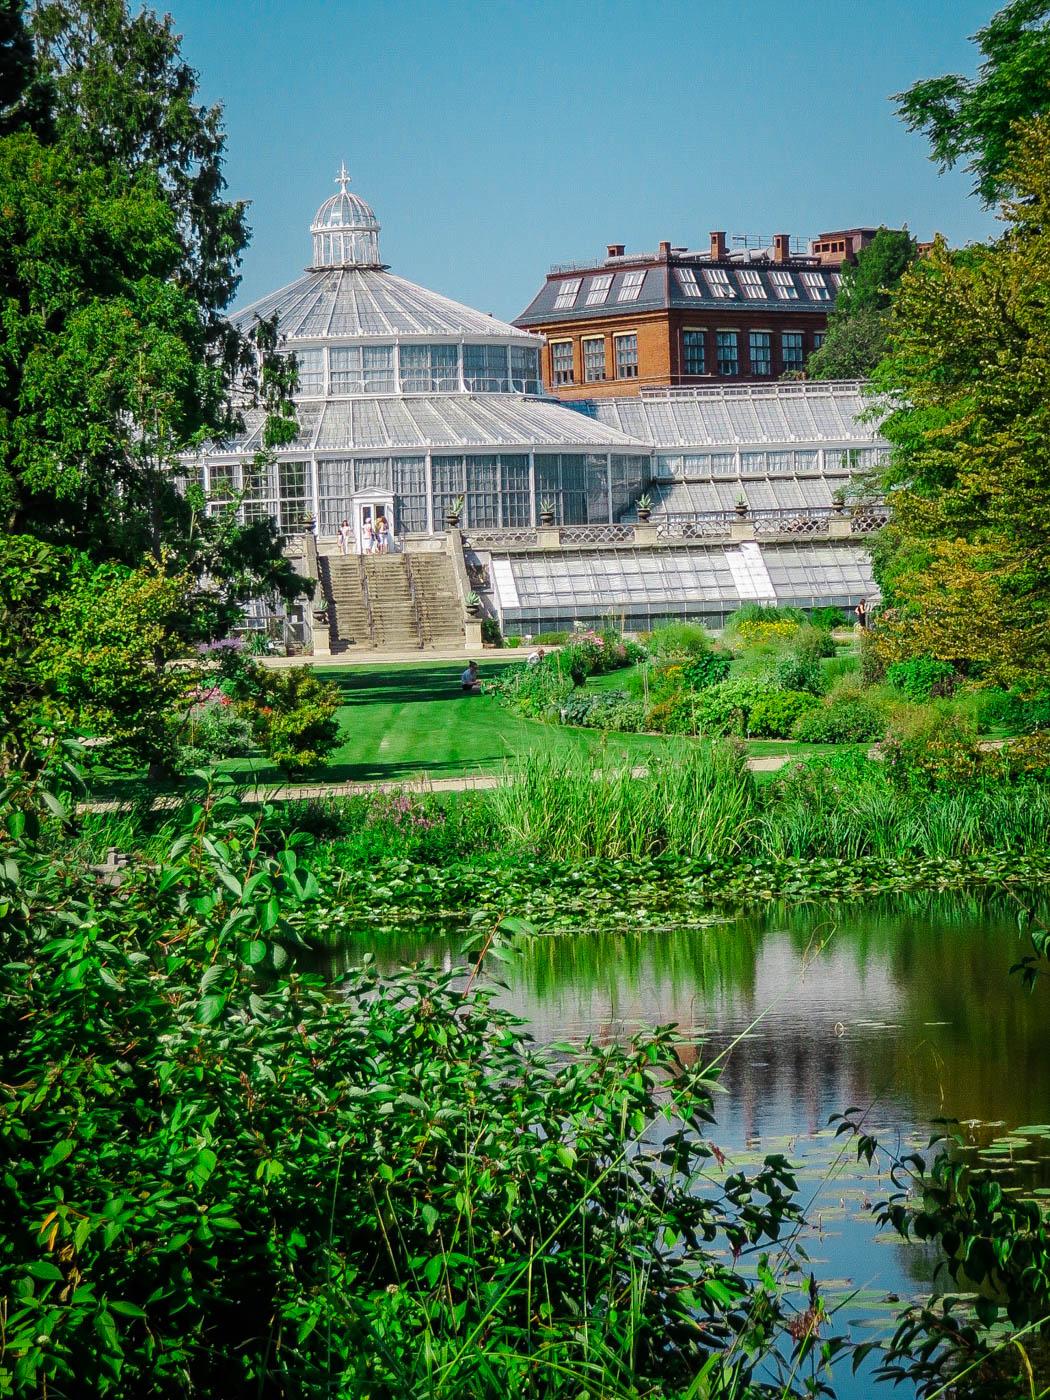 Botanical Gardens - Three Days in Copenhagen #traveldestinations #travel #denmark